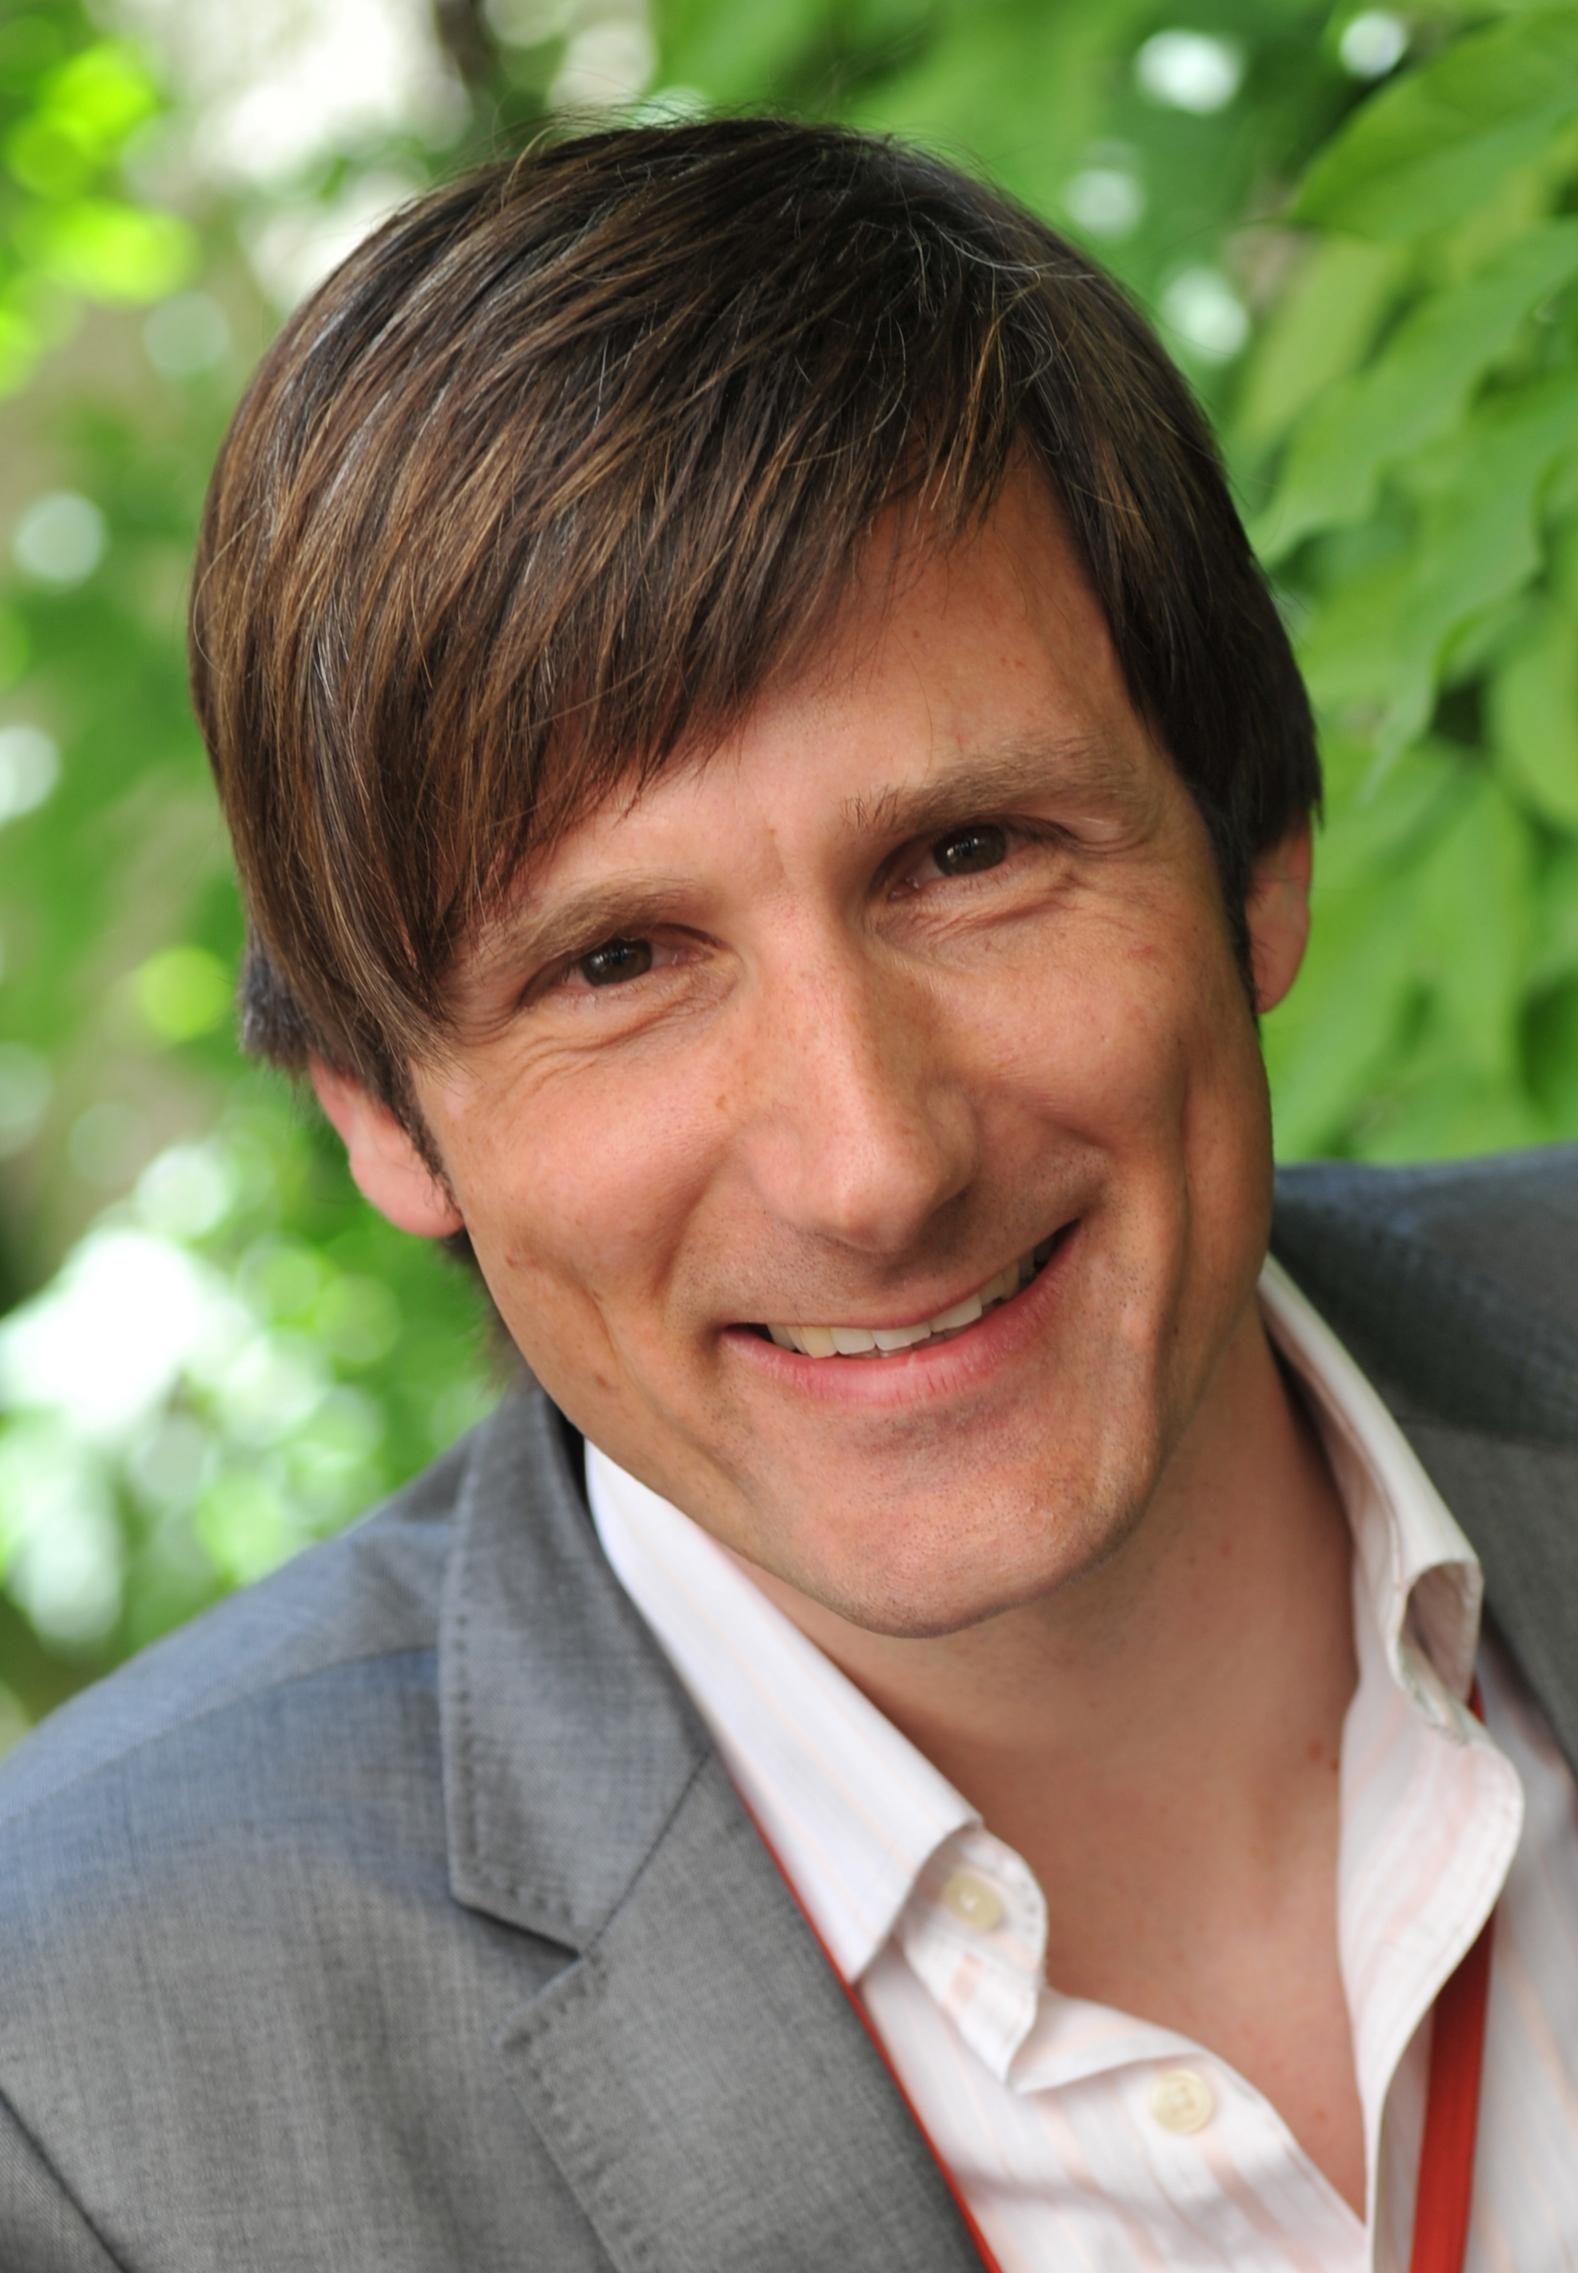 Ein führender Haptik-Experte: Olaf Hartmann (Bildquelle: Touchmore)